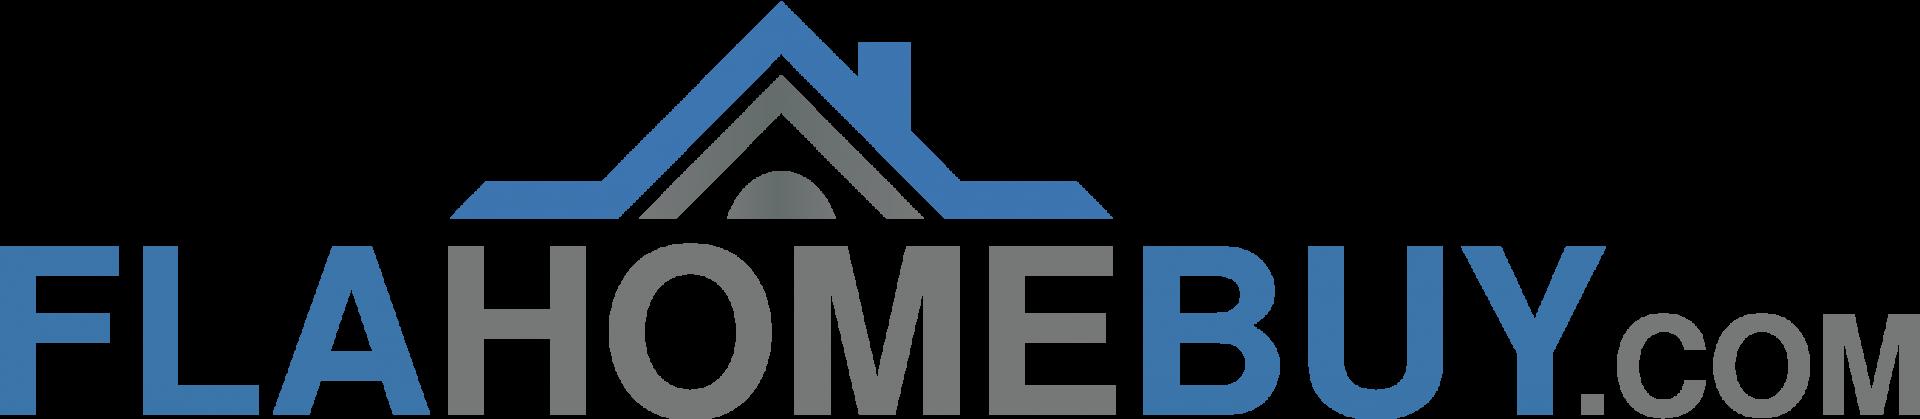 FLAHomeBuy.com logo